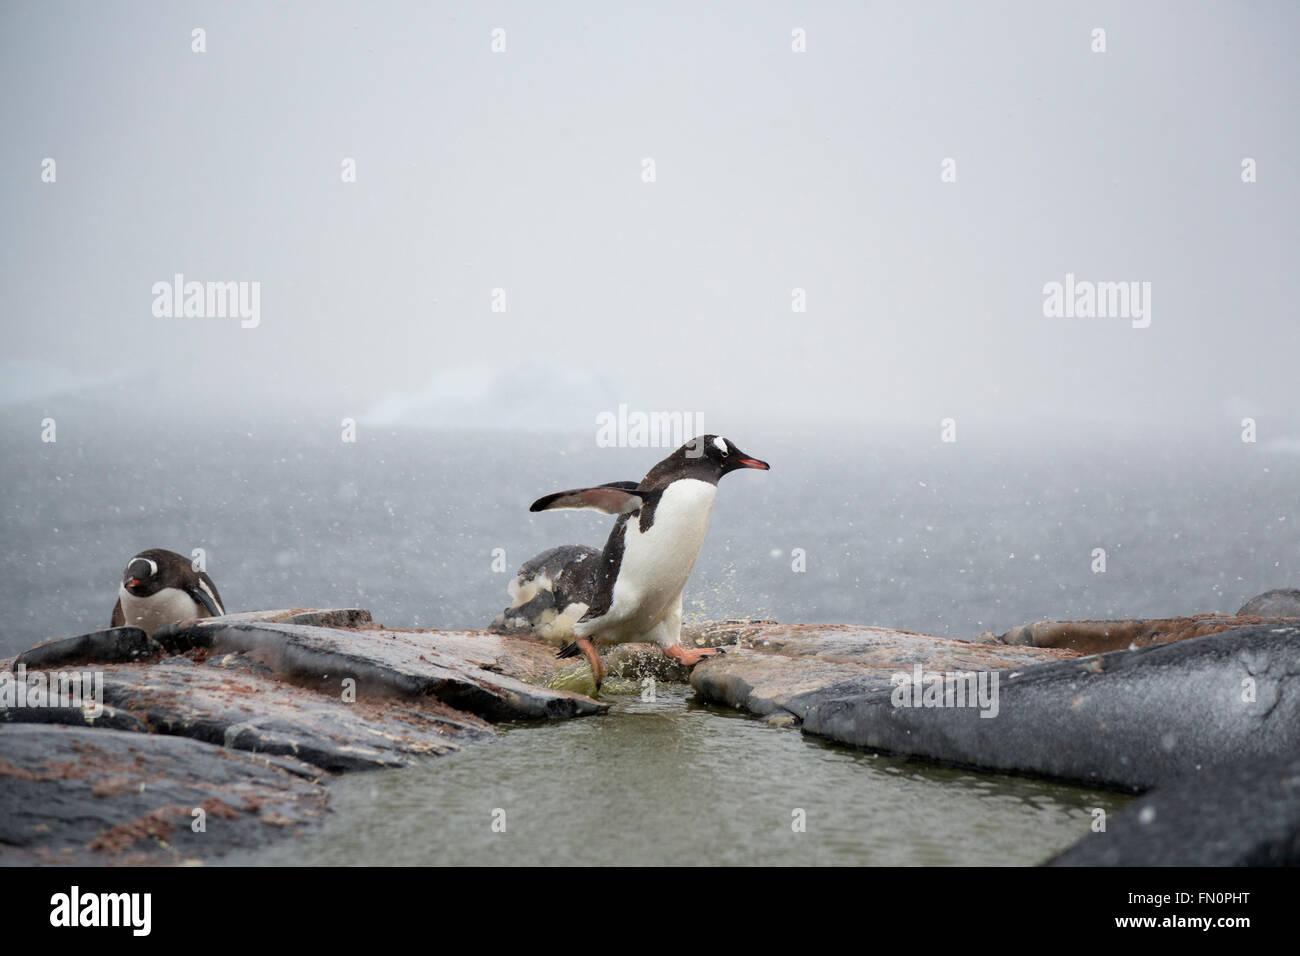 La Antártida, en la península Antártica, Isla Booth, pingüinos buscando piedras para colocar Imagen De Stock